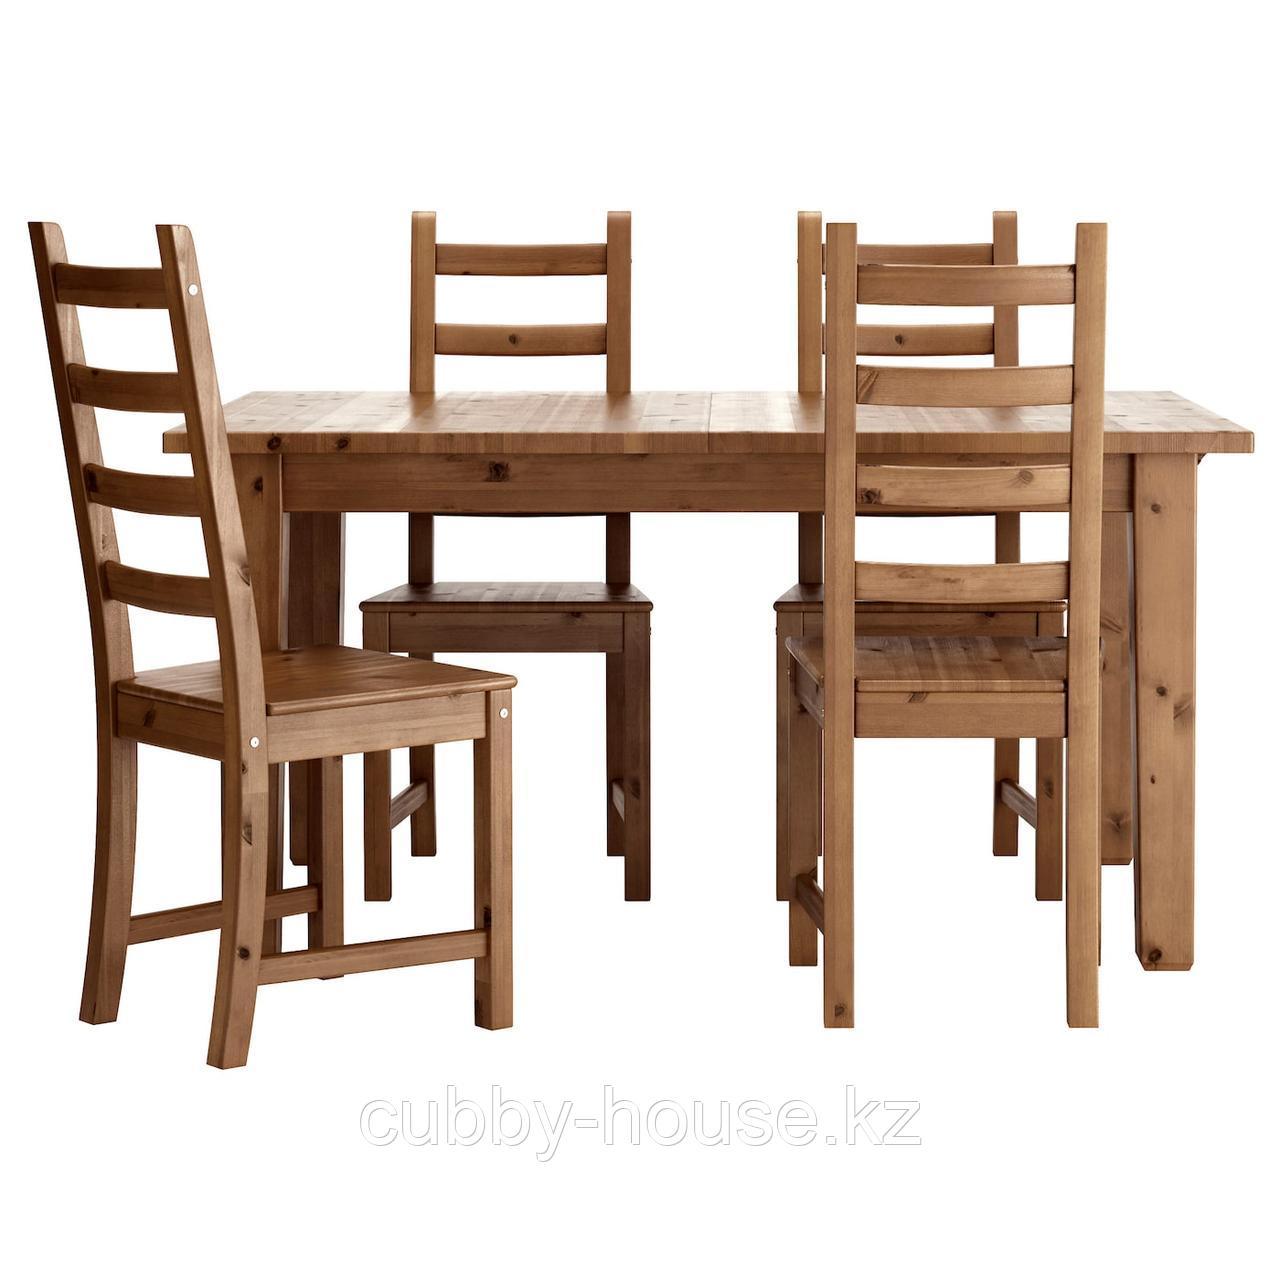 СТУРНЭС / КАУСТБИ Стол и 4 стула, морилка,антик, 147 см